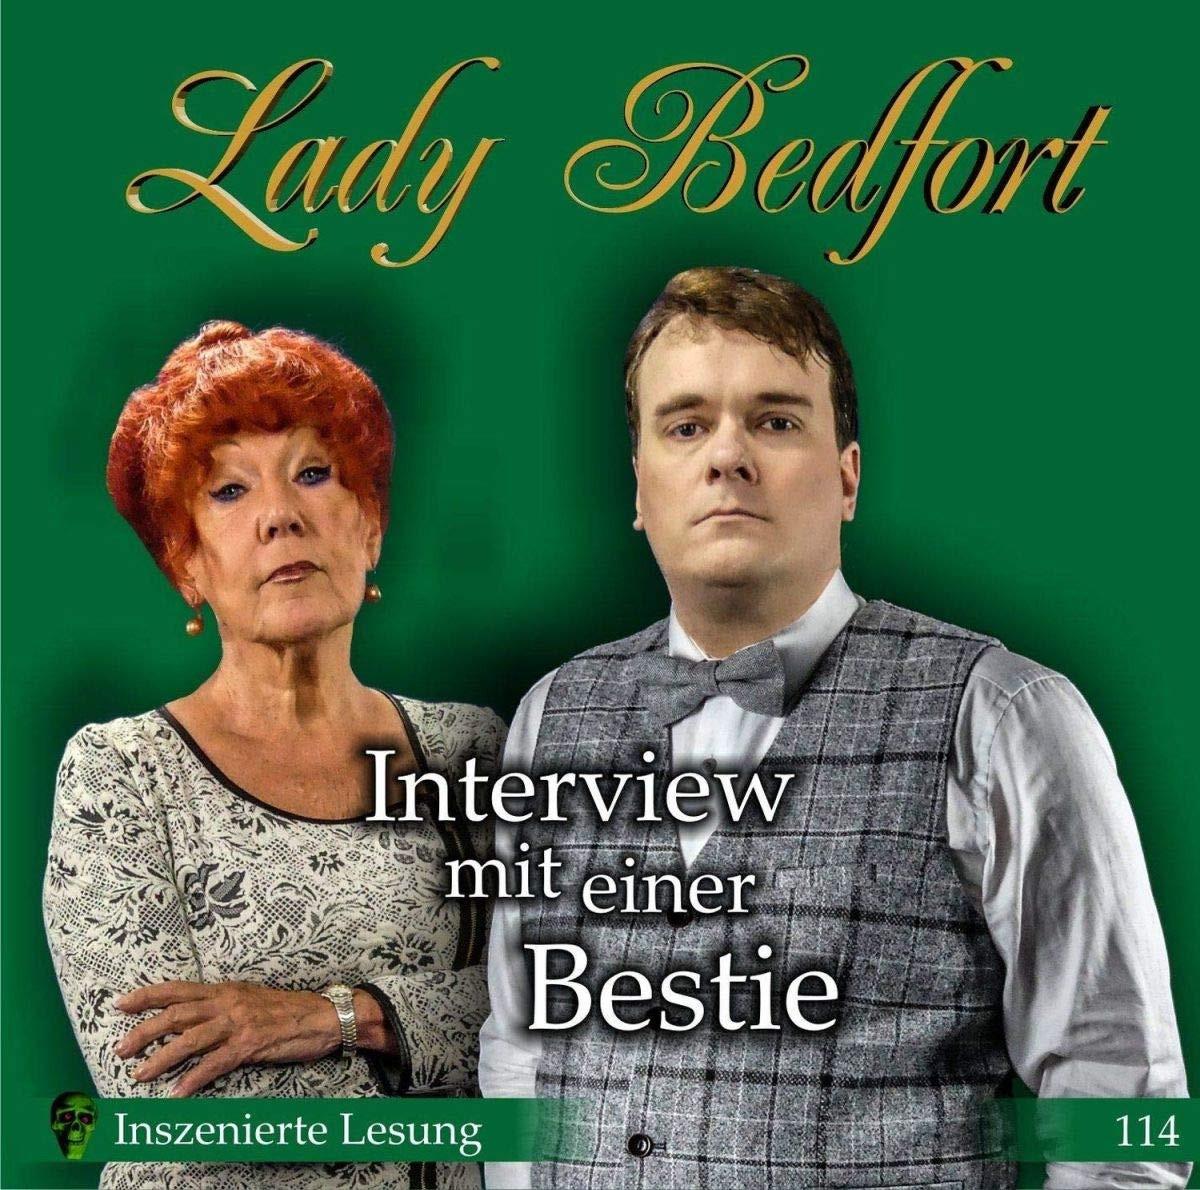 Lady Bedfort - Folge 114: Interview mit einer Bestie (Inszenierte Lesung)